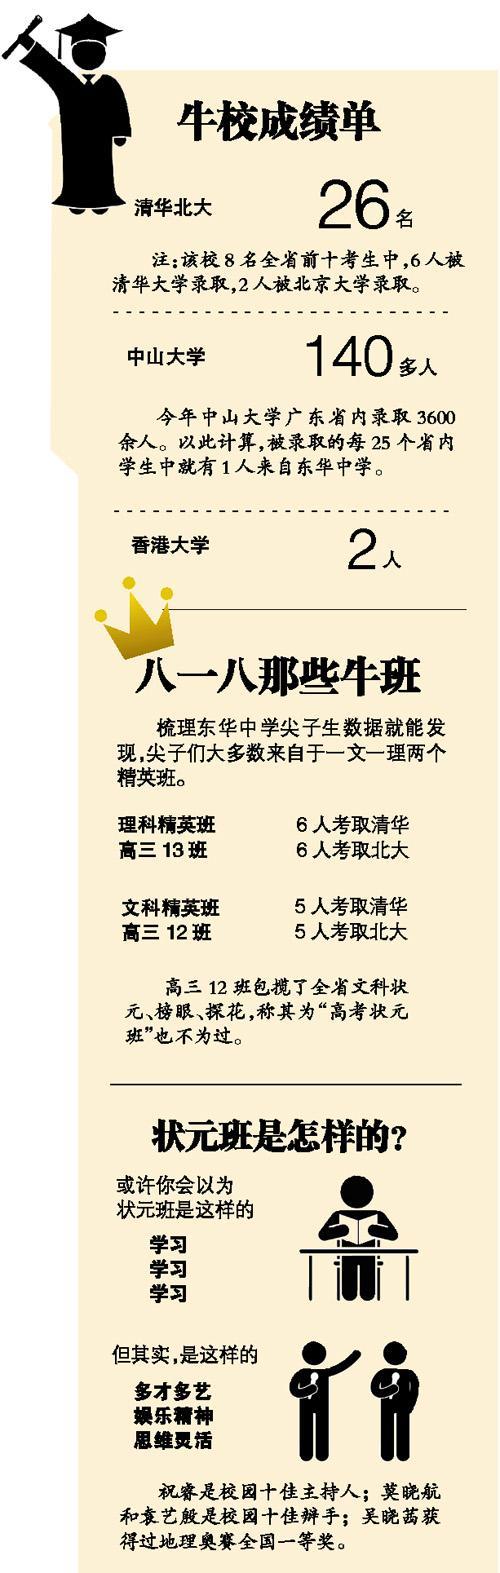 广东一高校26人考上北大清华 140多人考上中大